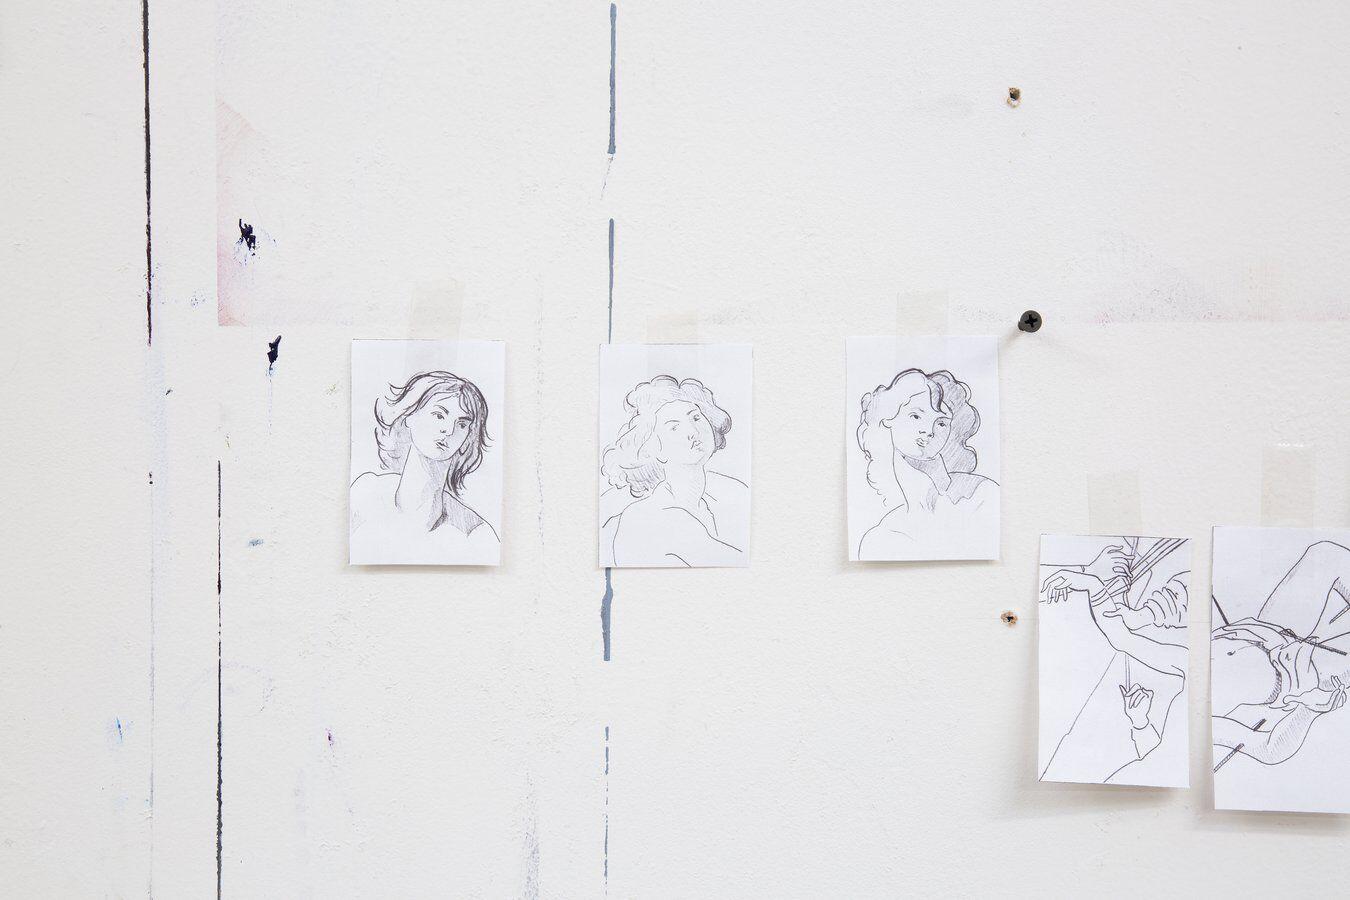 Jesse Mockrin drawings